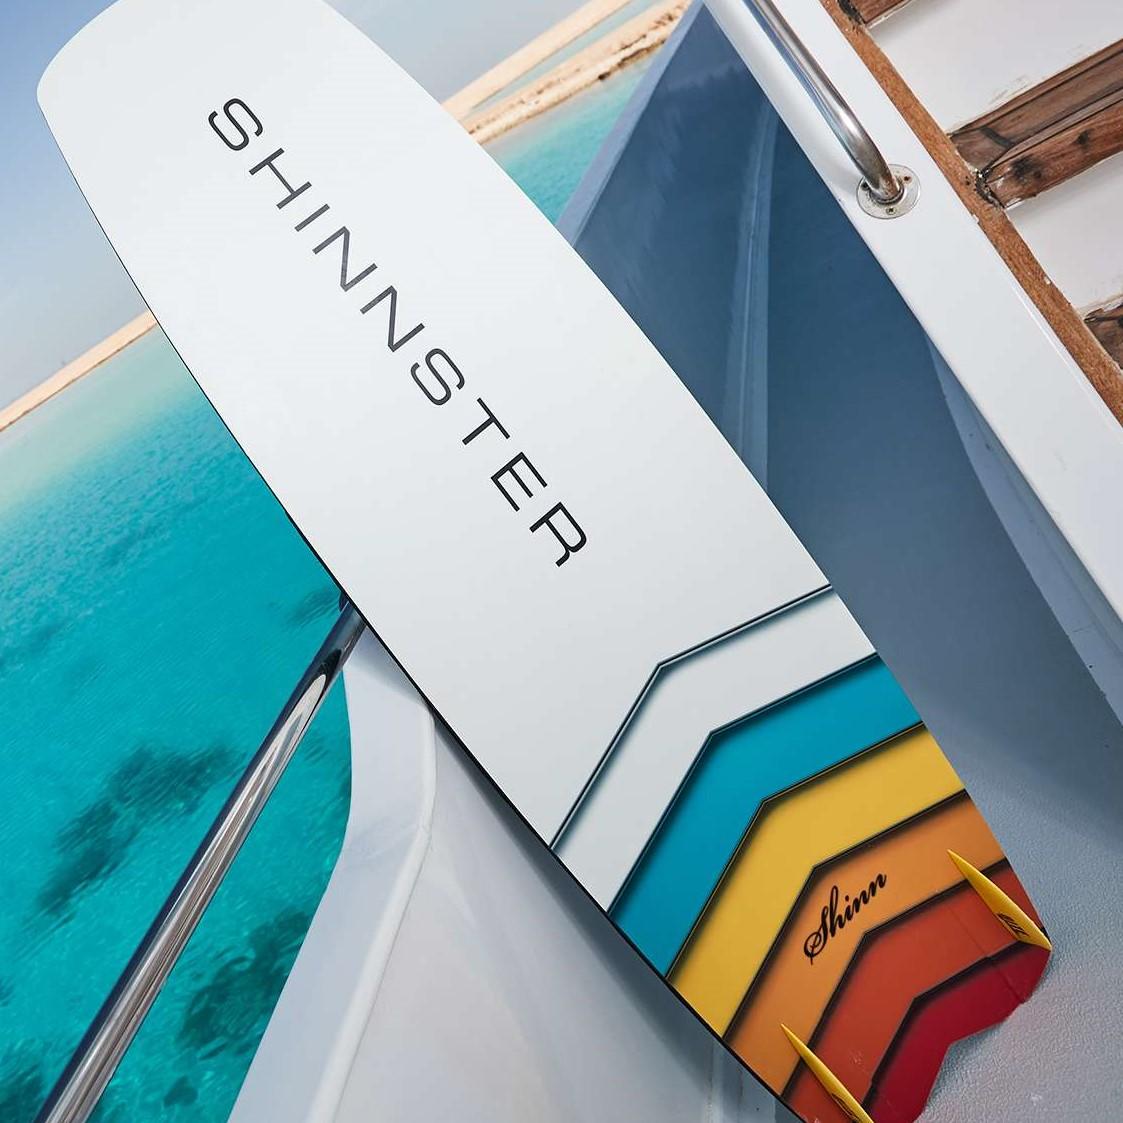 Shinn Shinnster Encore 2020 Promo 1